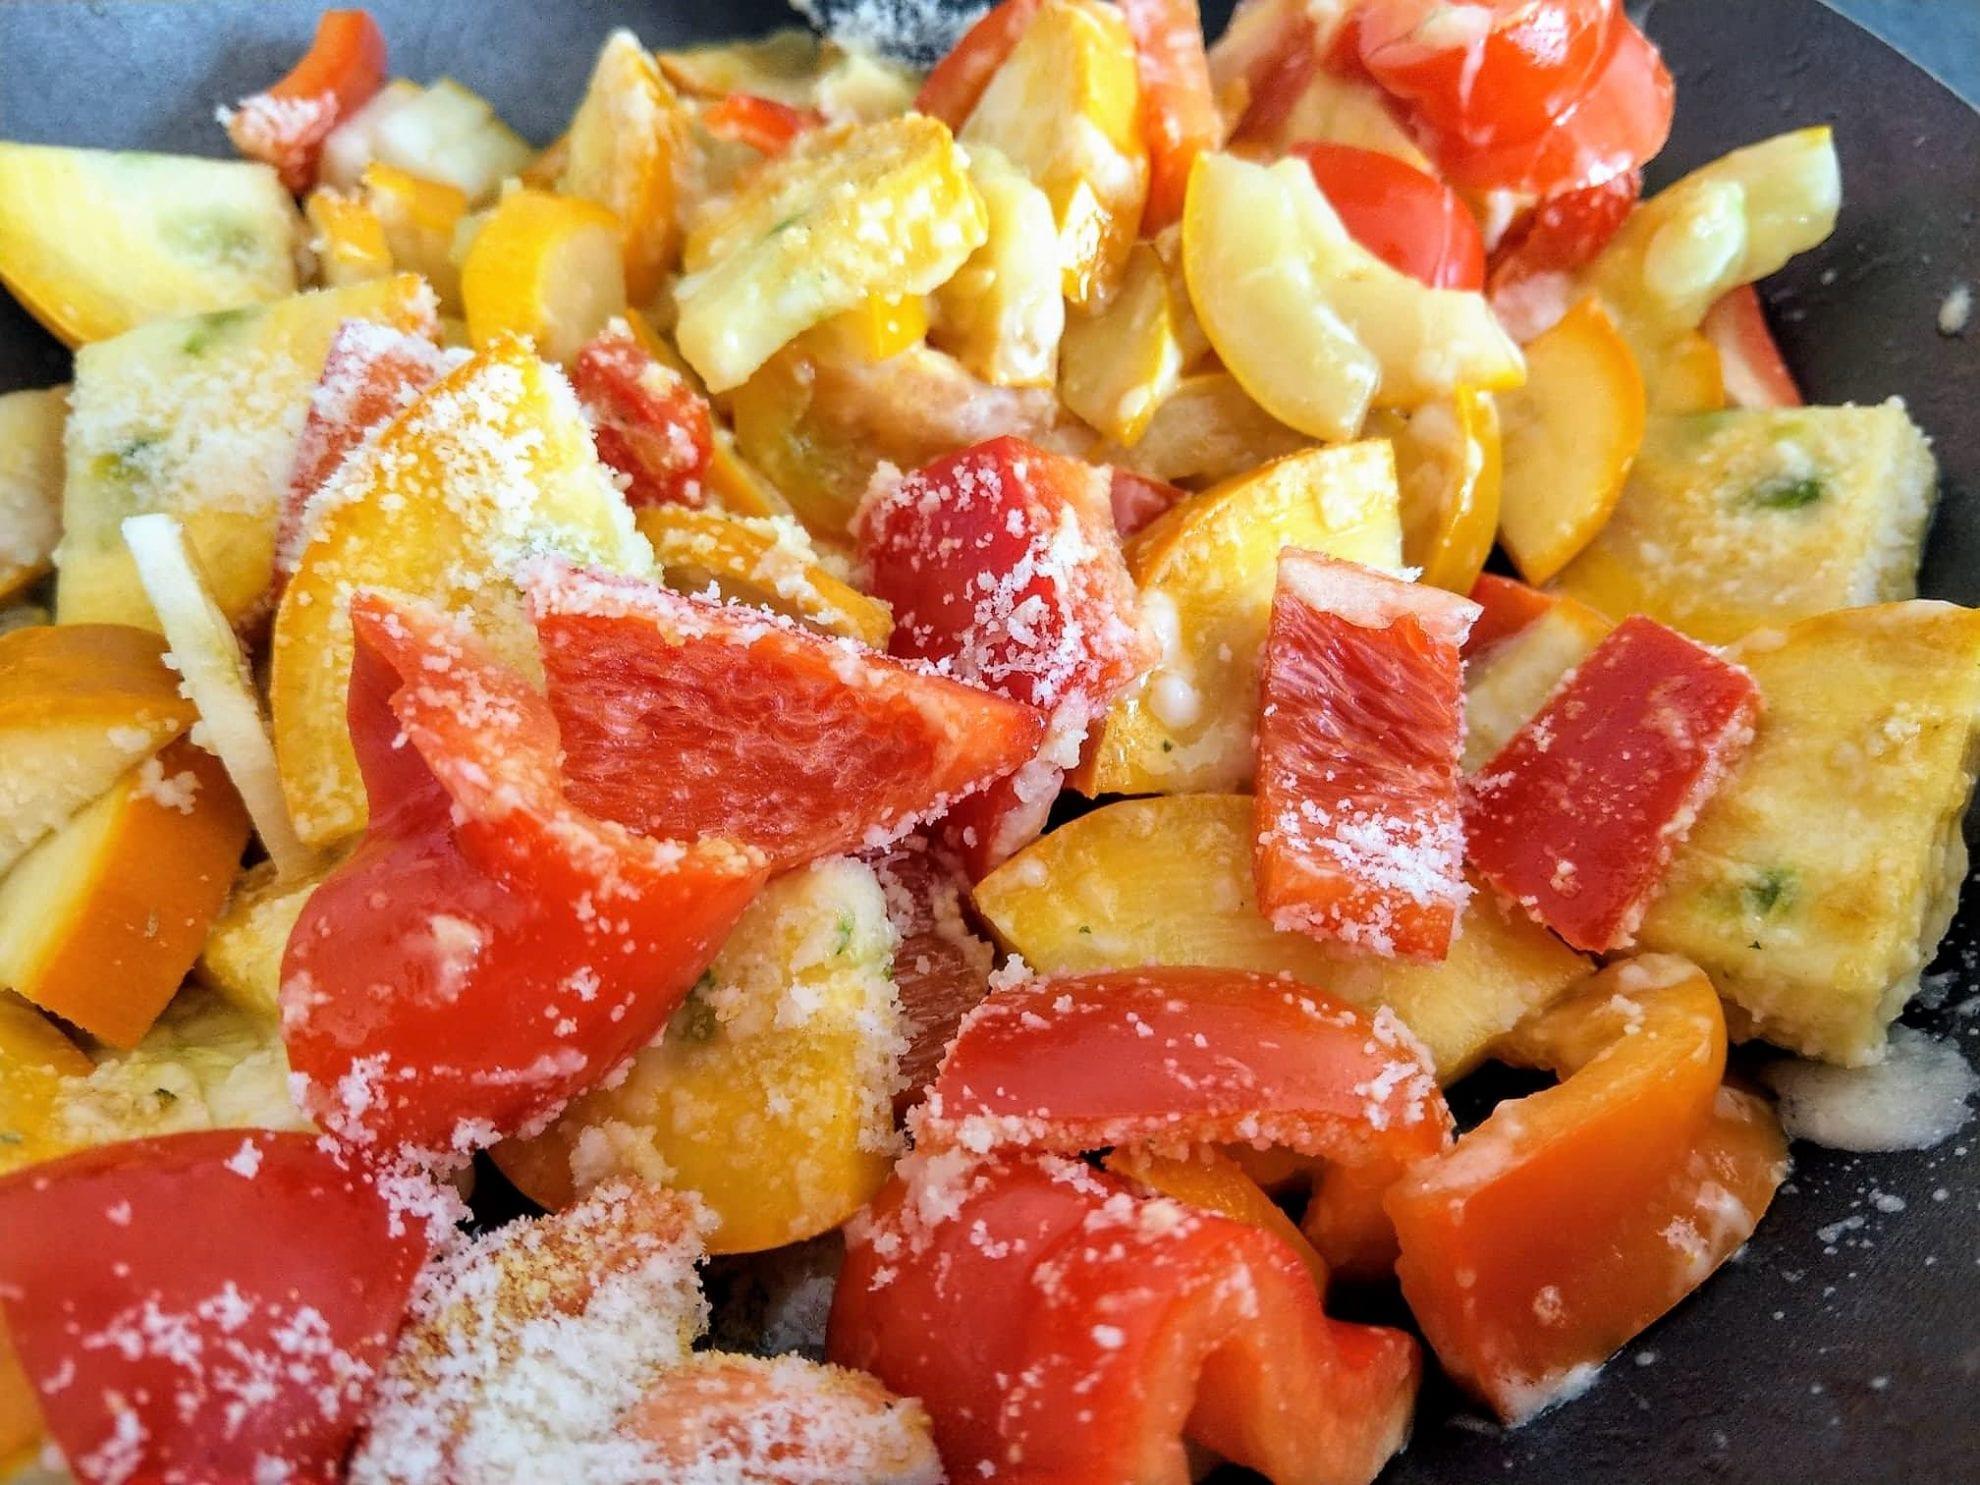 12 von 12 im September 2018, Gemuesepfanne, Paprika, Zucchini, Parmesan, Kochen, Mittagessen